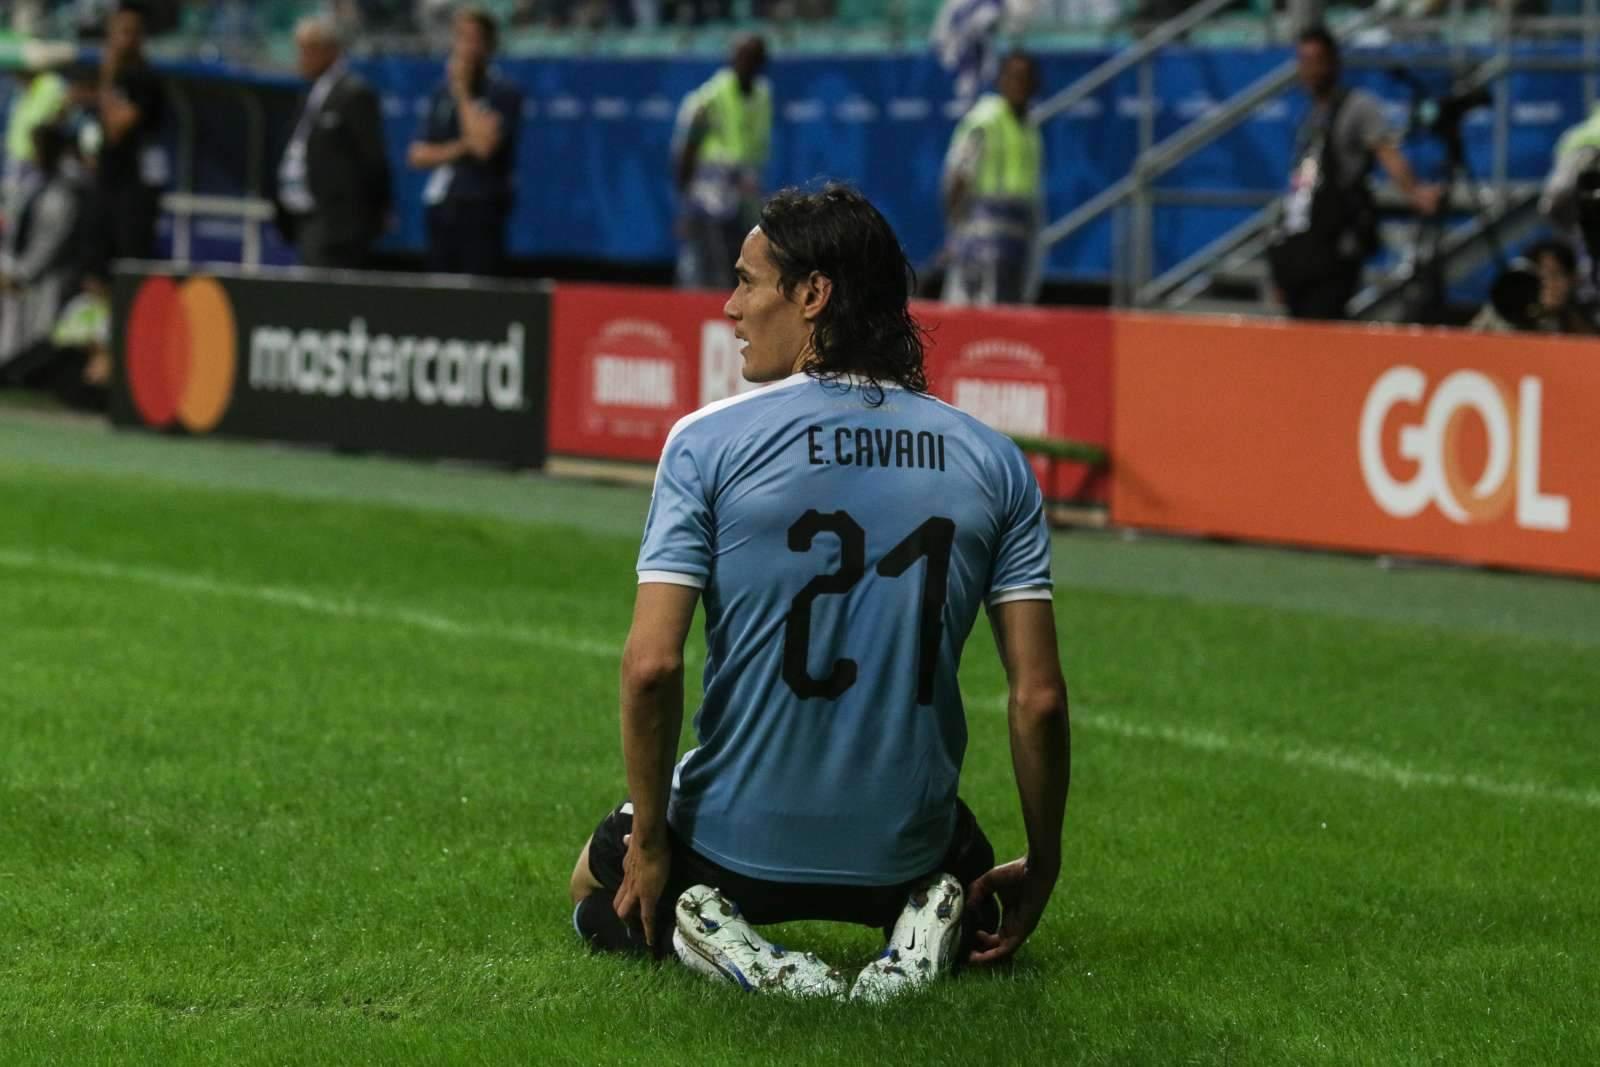 Уругвай оказался сильнее Парагвая и точно не сыграет с Бразилией раньше финала кубка Америки